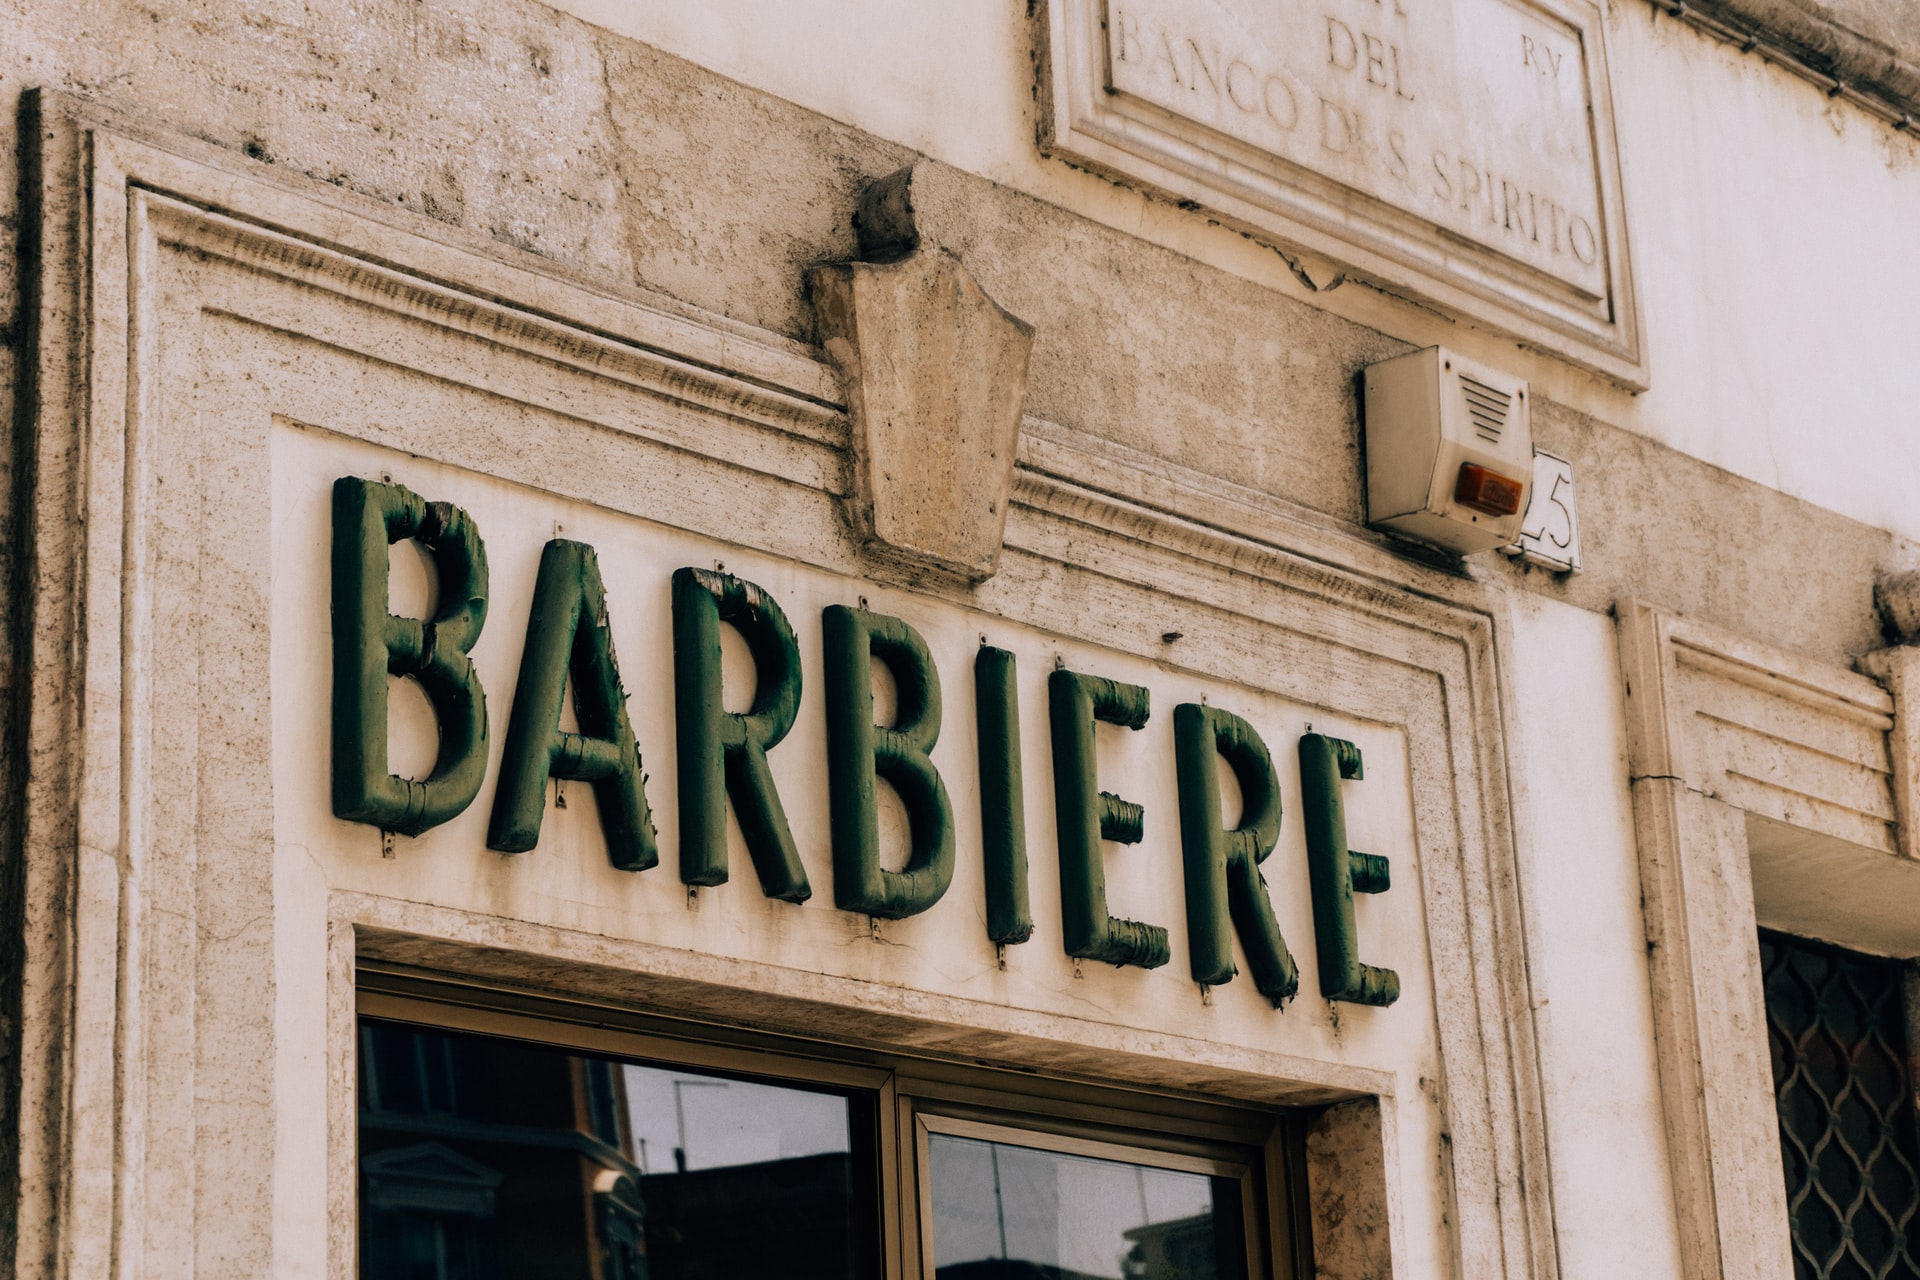 Politica Barbiere